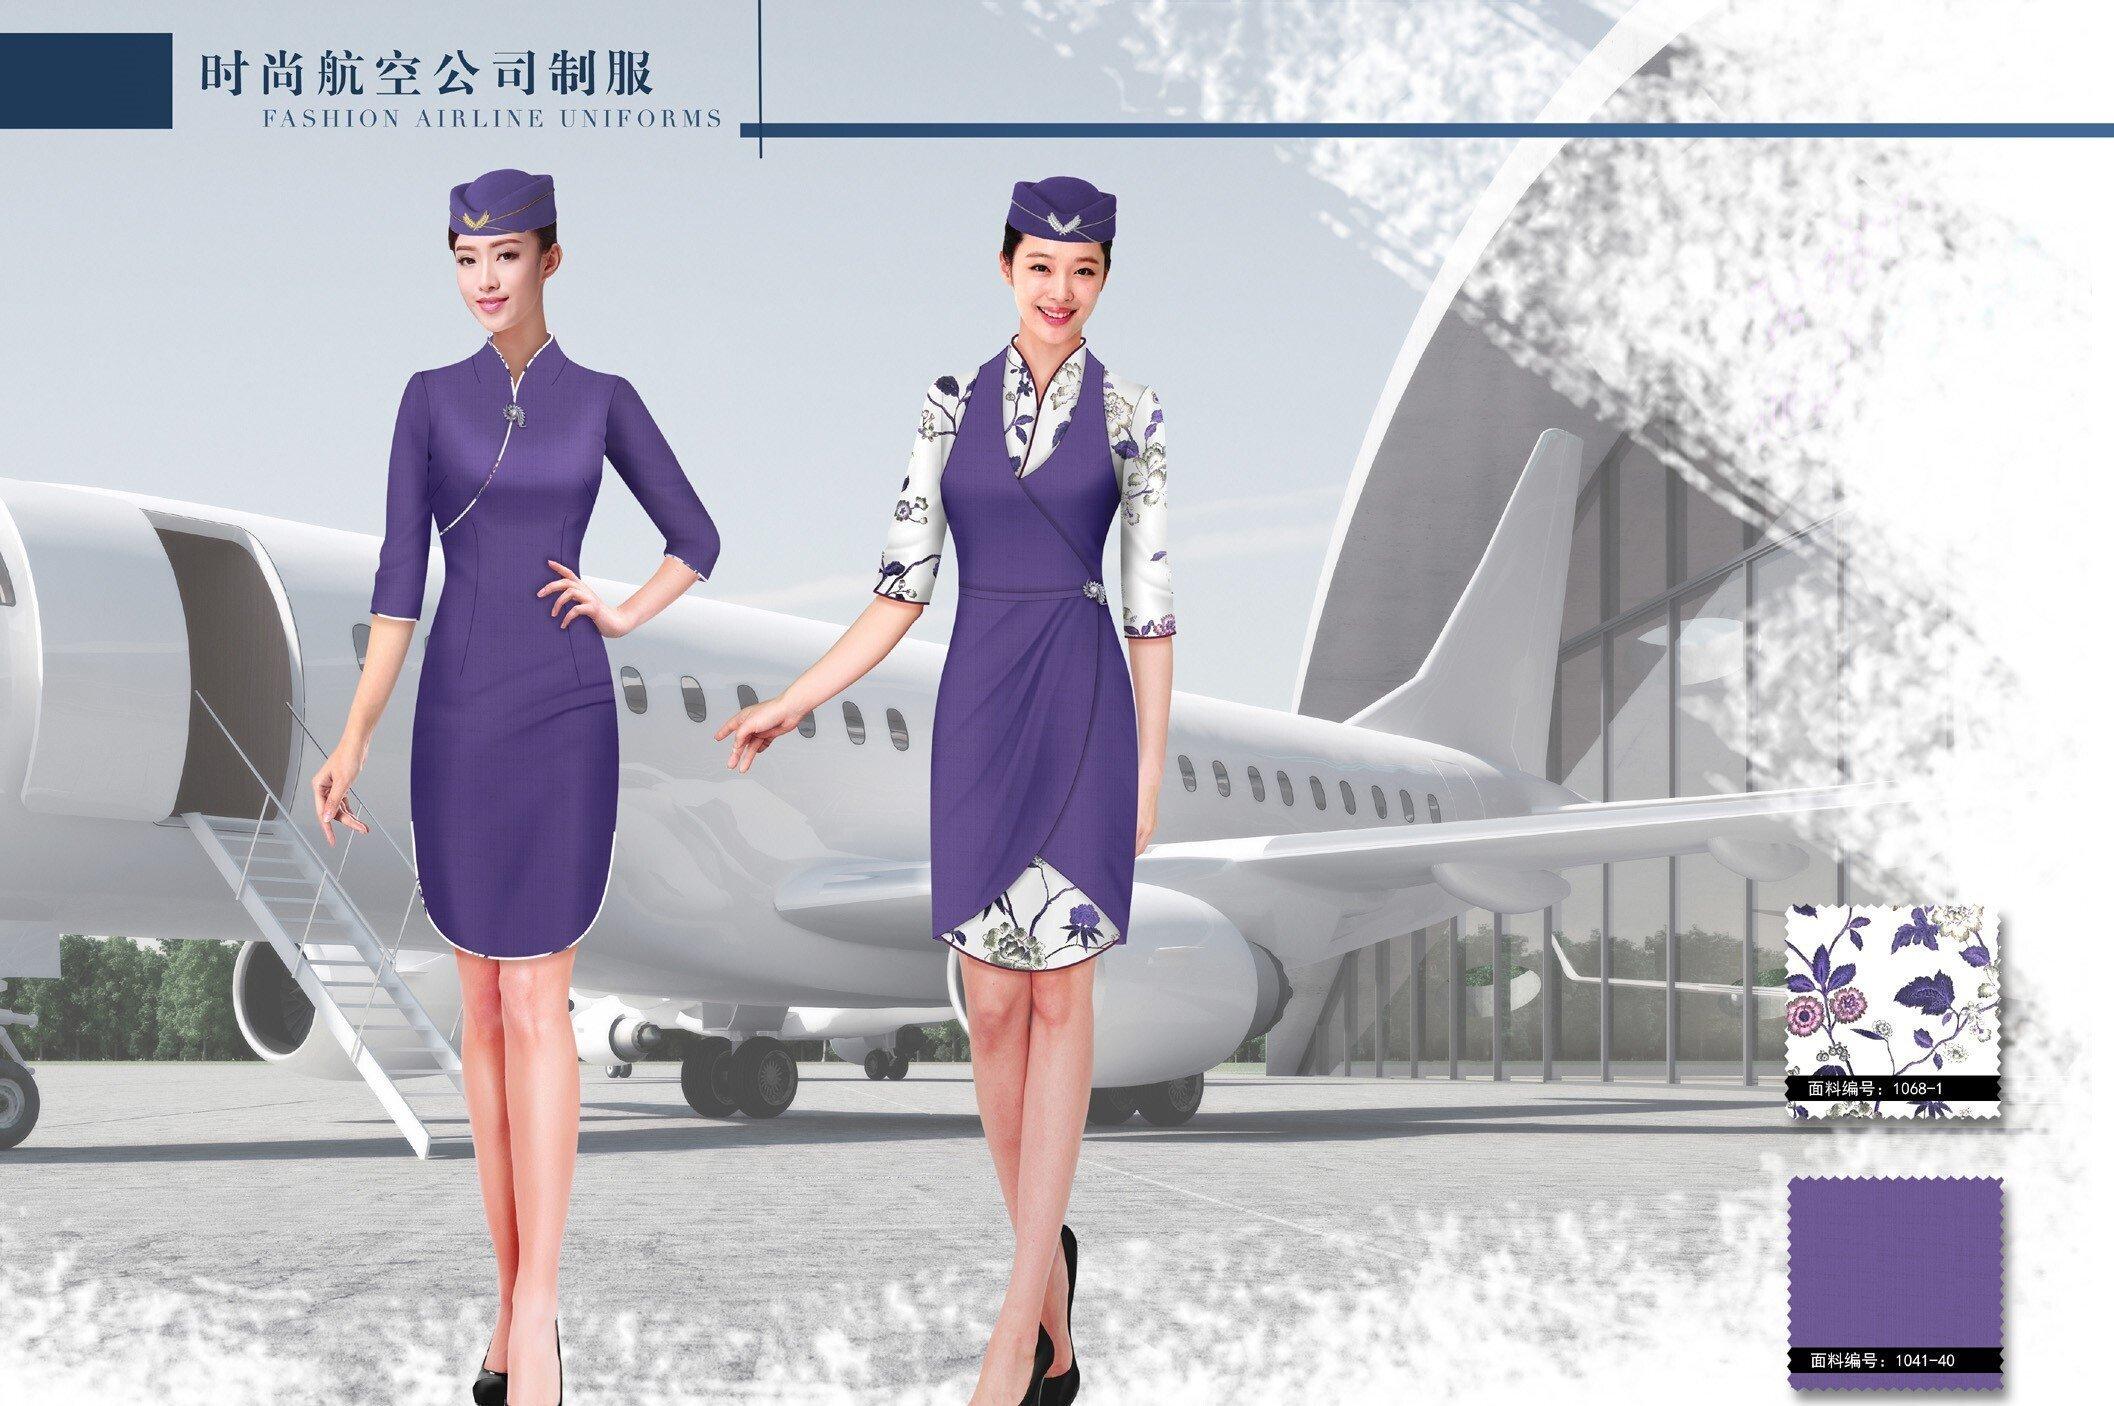 时尚中国主题航空公司团体制服服装方案58262